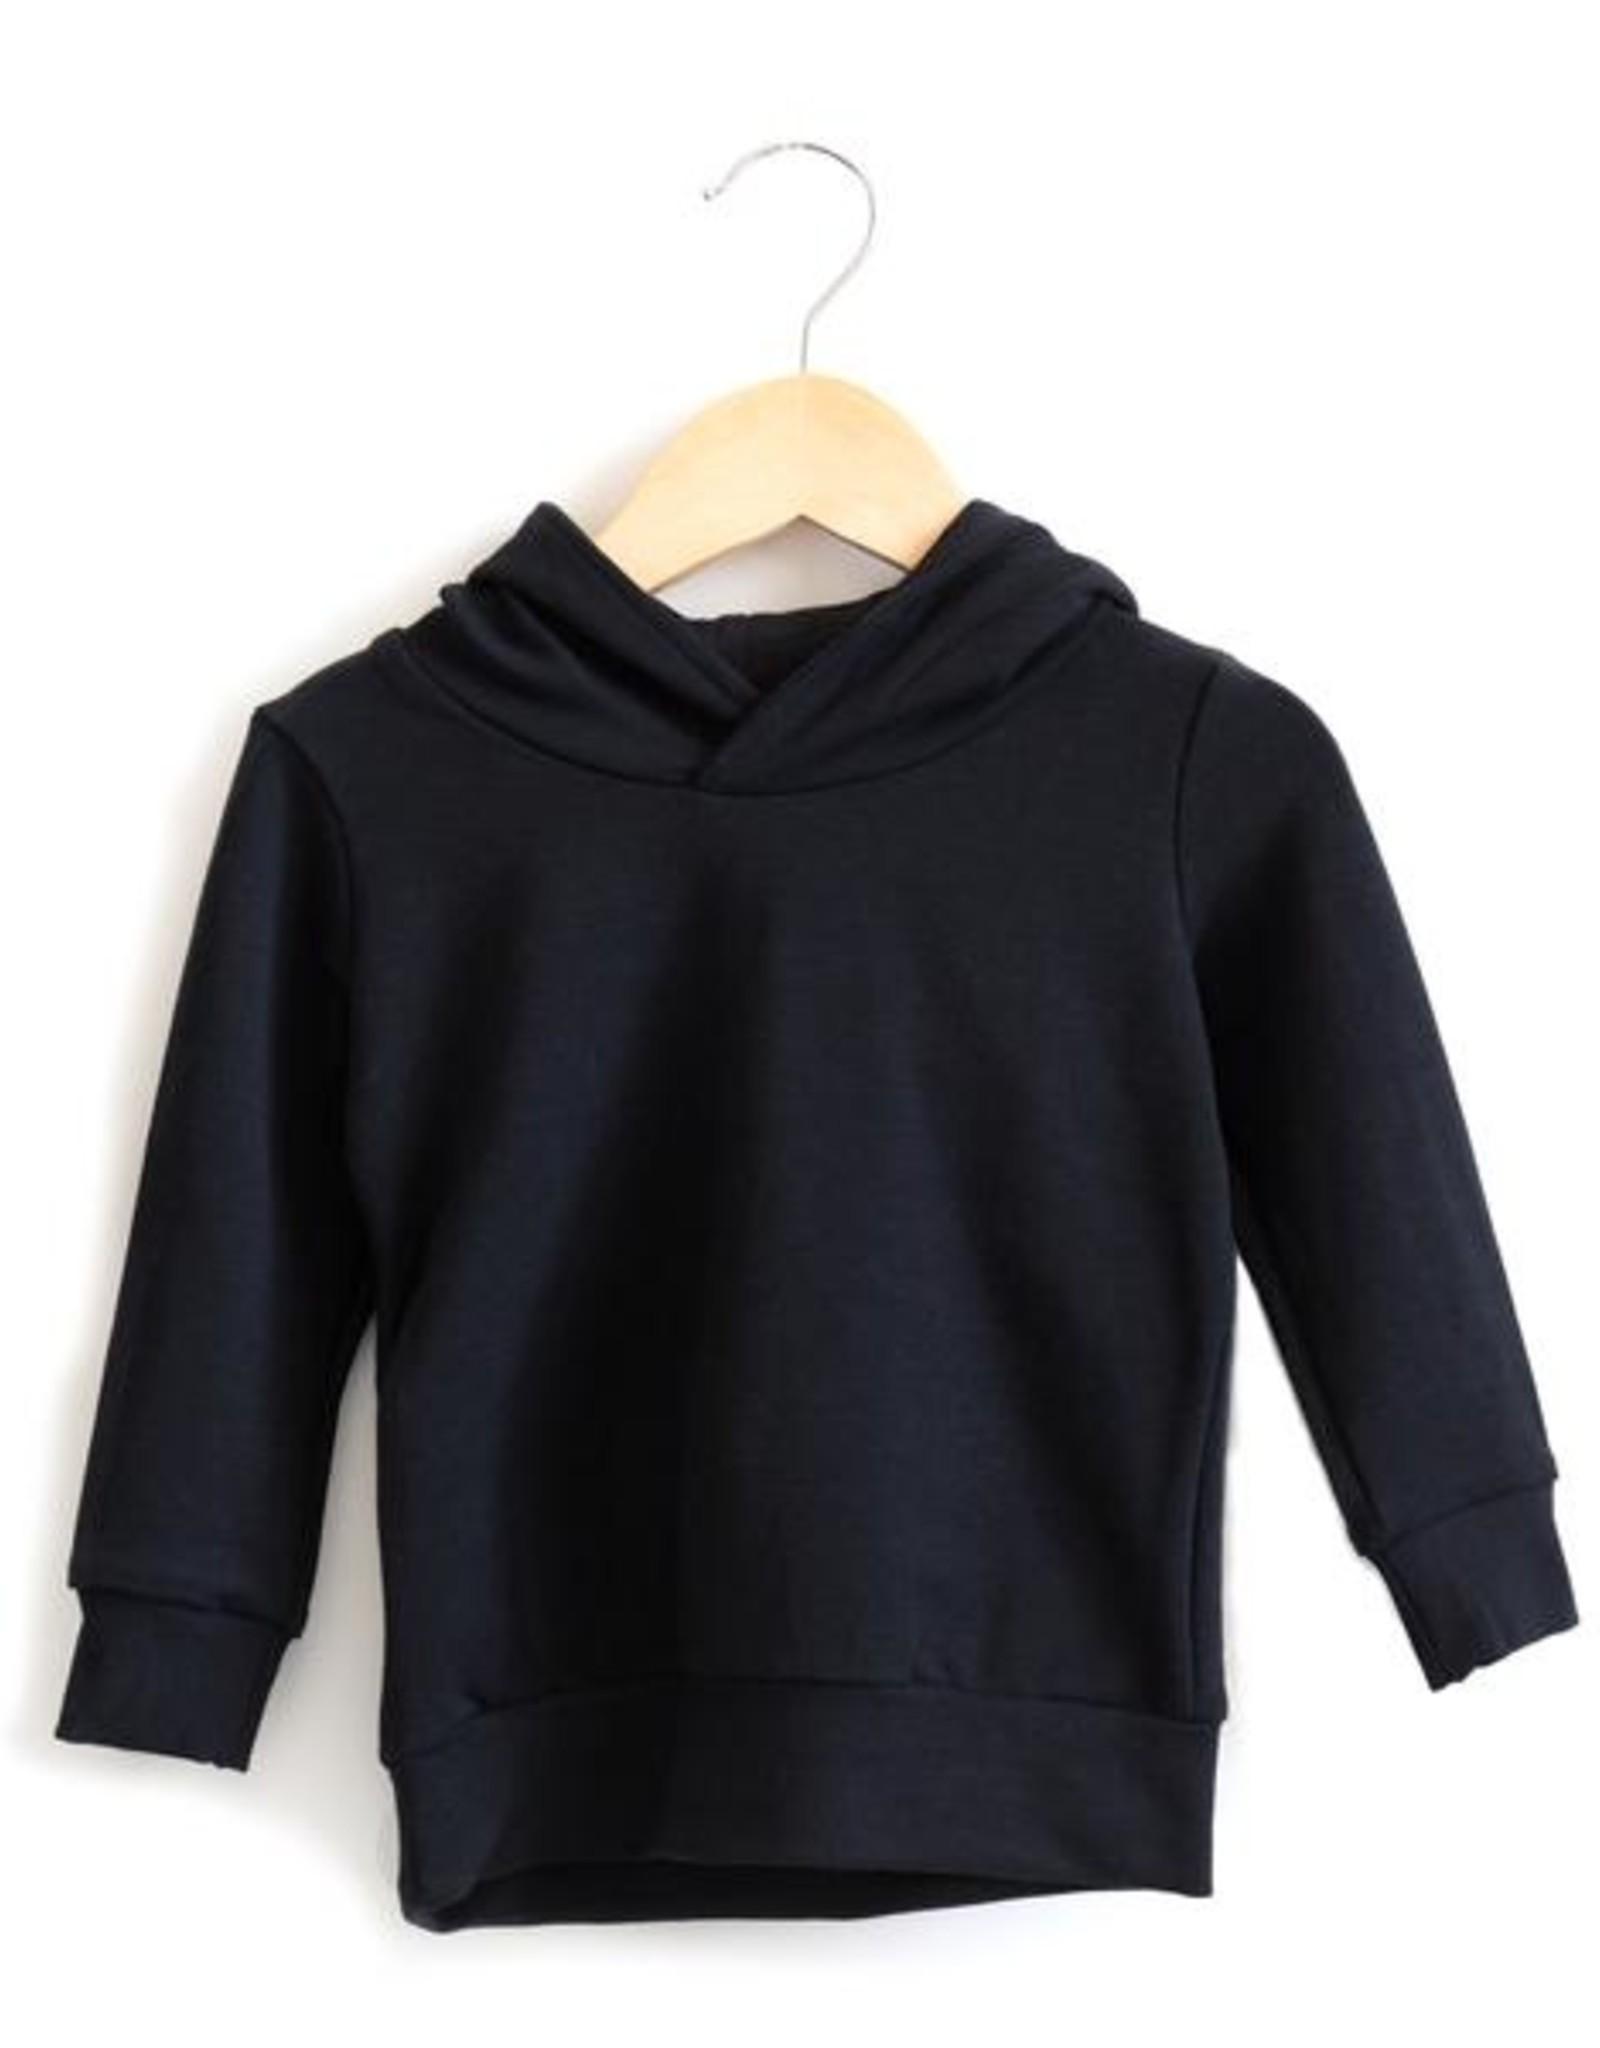 Posh & Cozy FA20 Black Hoodie